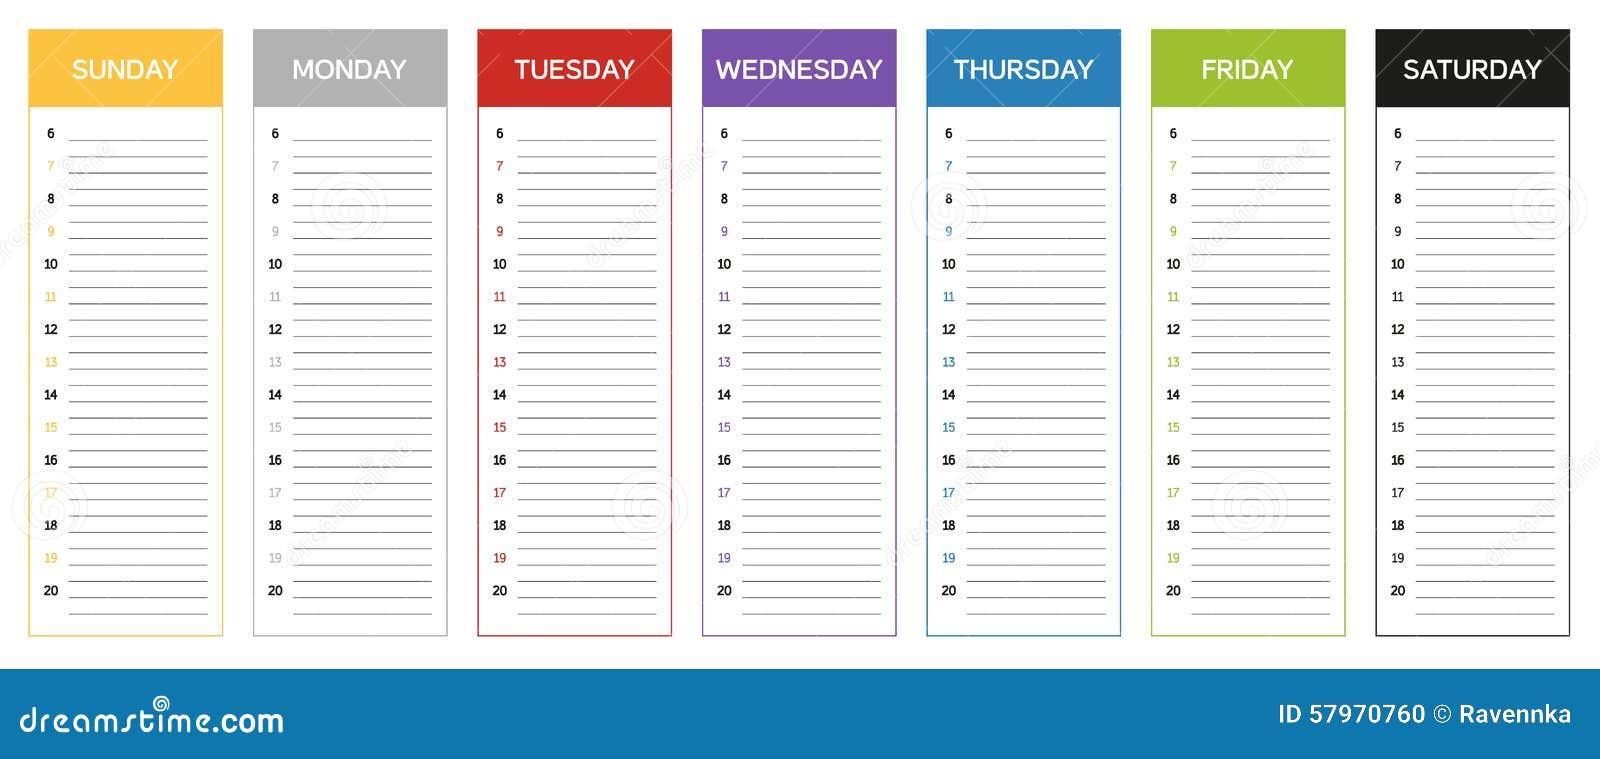 Calendrier De Planification Semaine En Couleurs Du Jour